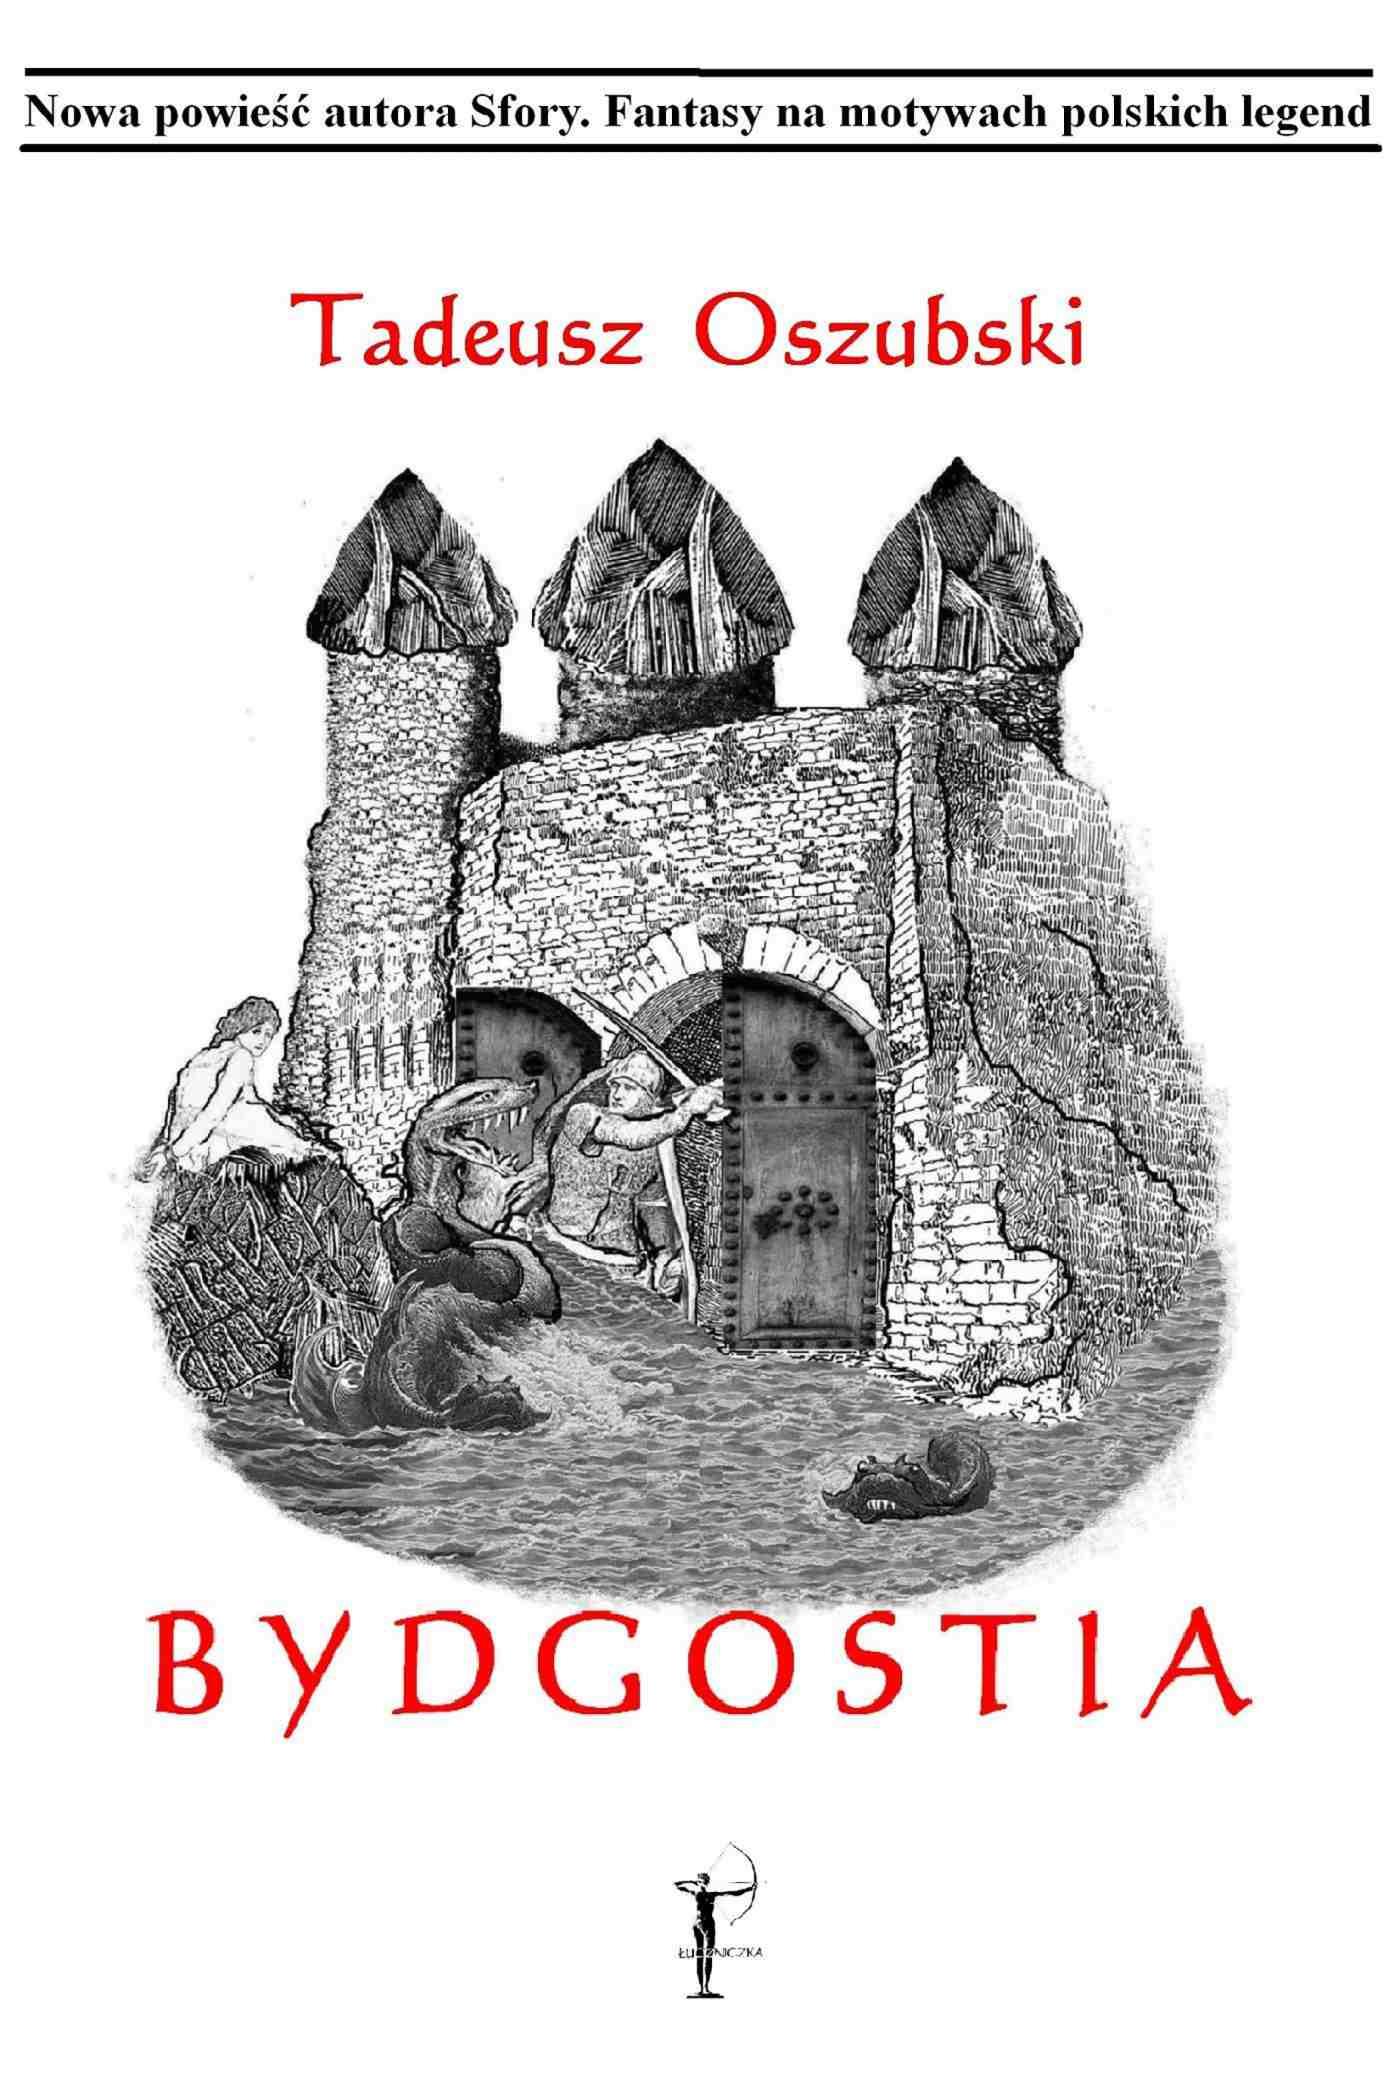 Bydgostia - Ebook (Książka EPUB) do pobrania w formacie EPUB